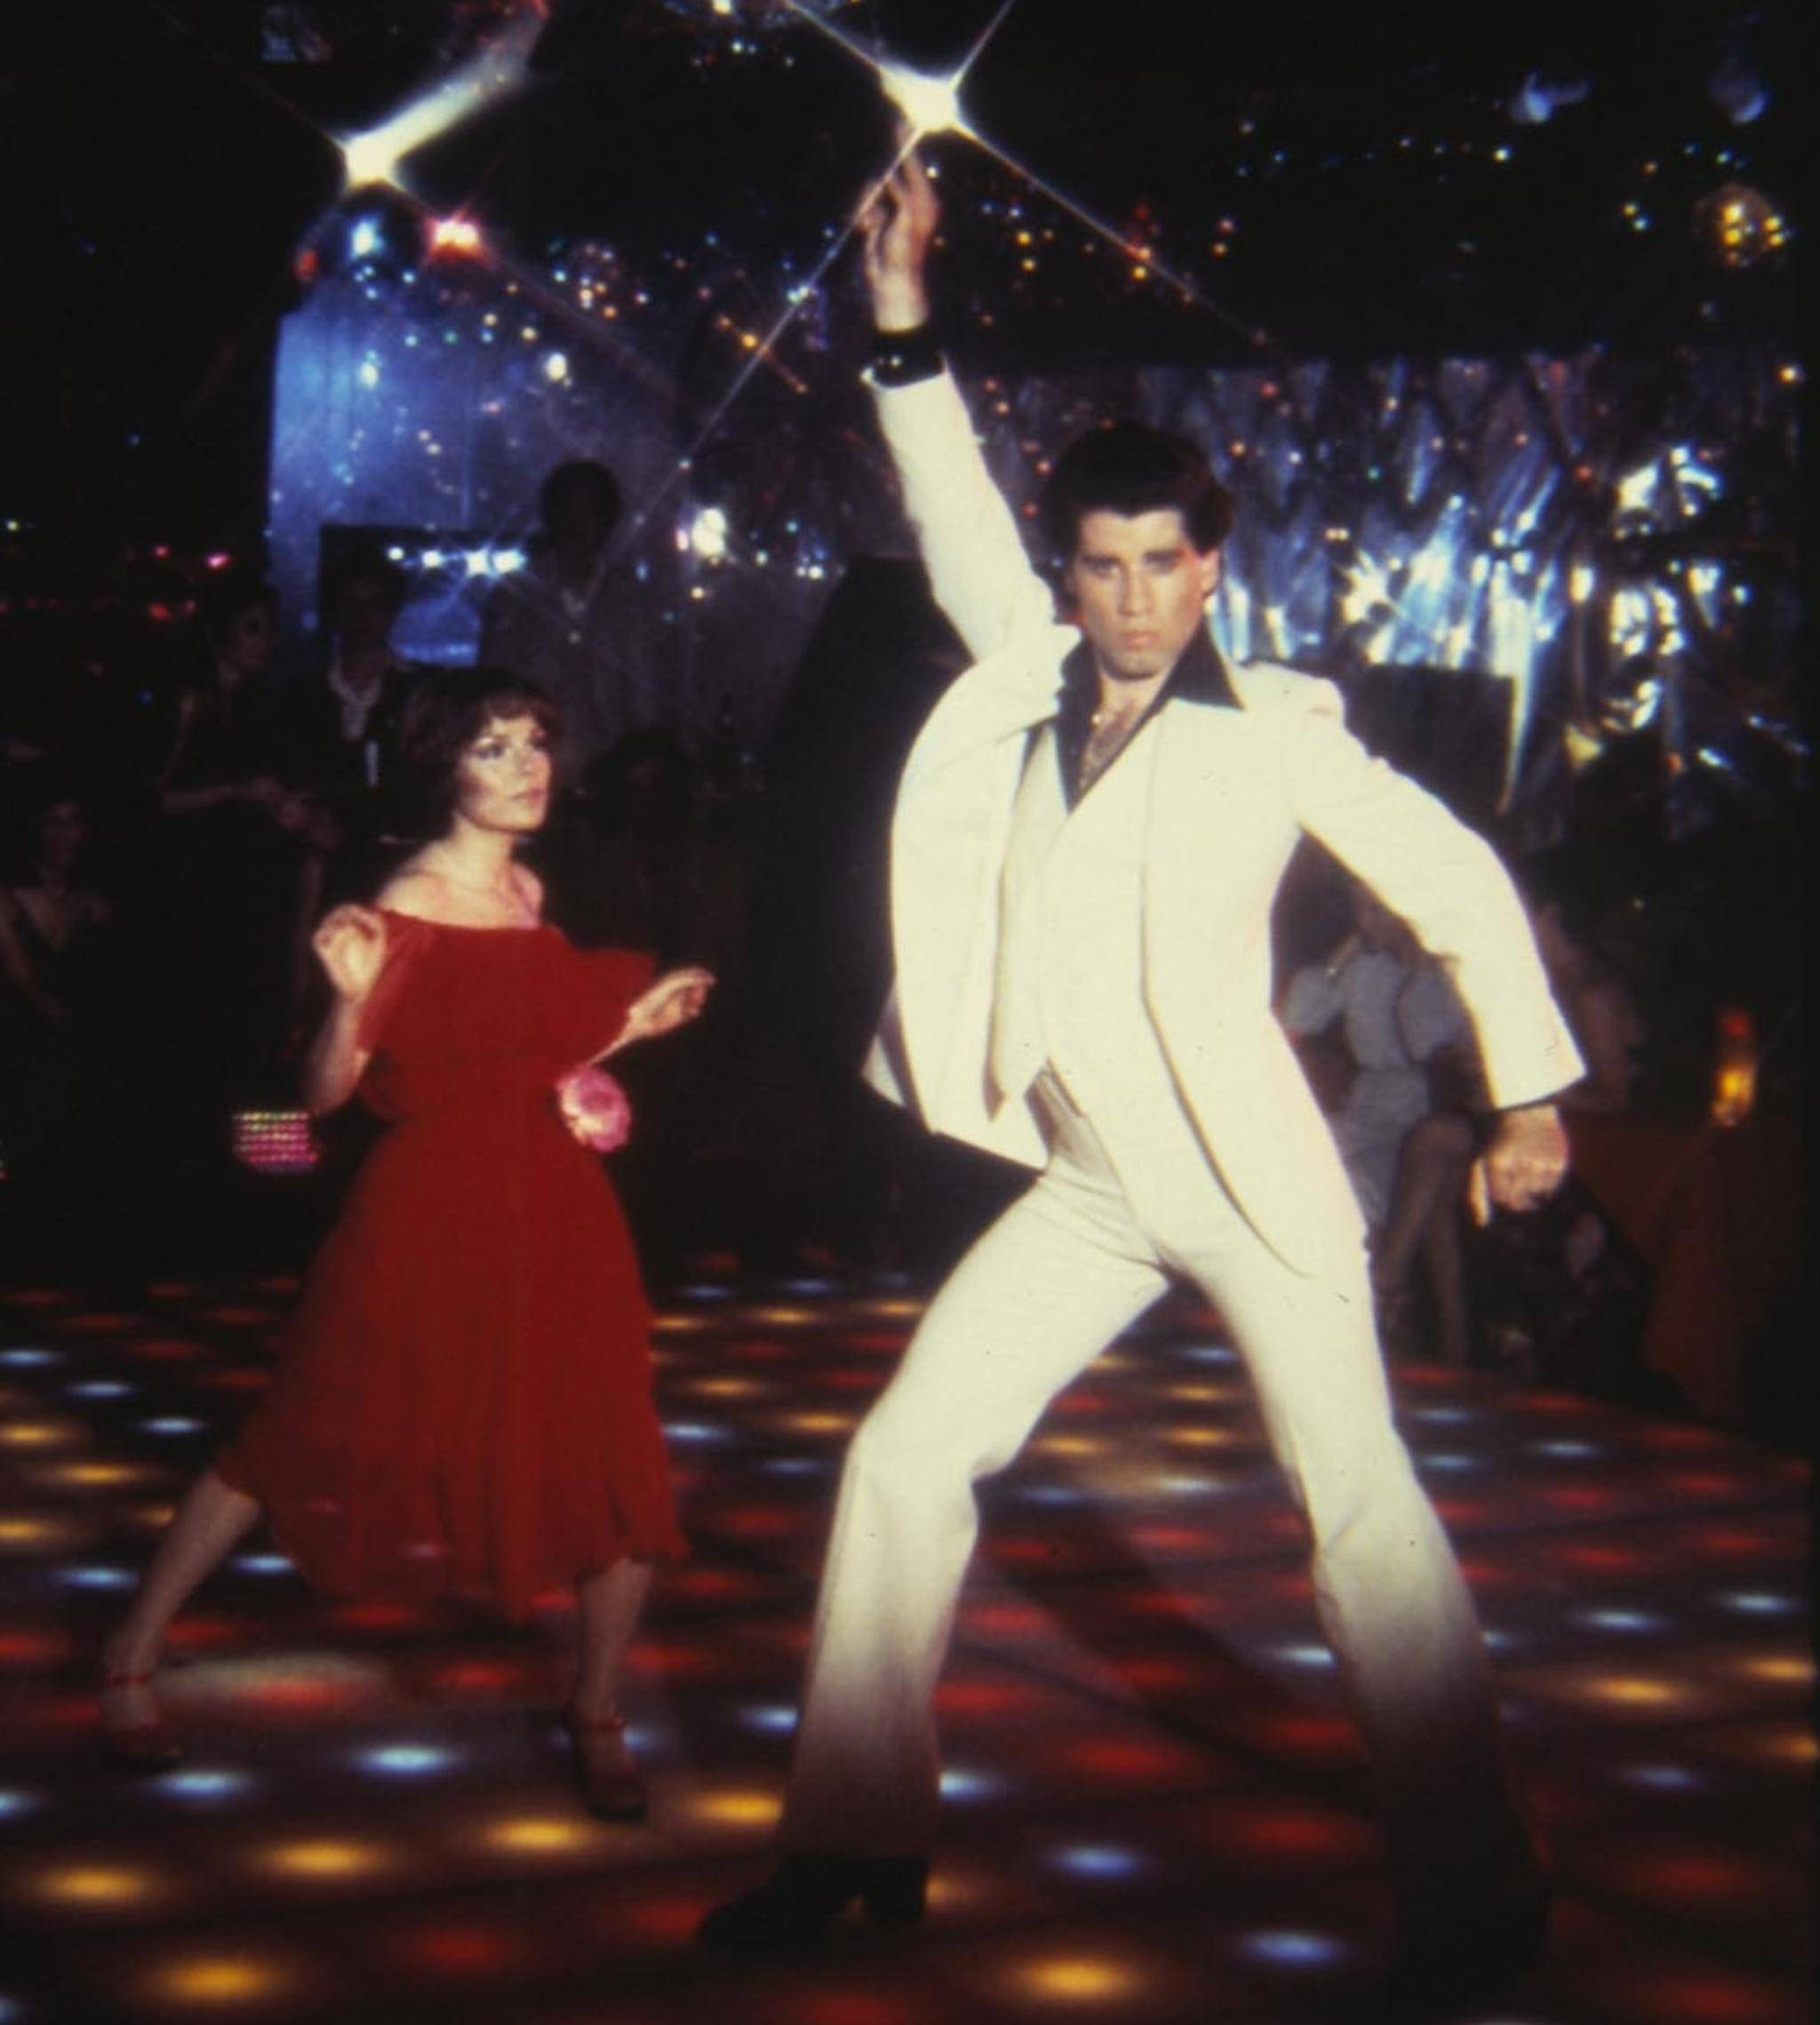 """Dancing like it's 1977: John Travolta und Karen Lynn Gorney legten ihn """"Saturday Night Fever"""" ikonische Moves auf die Tanzfläche."""